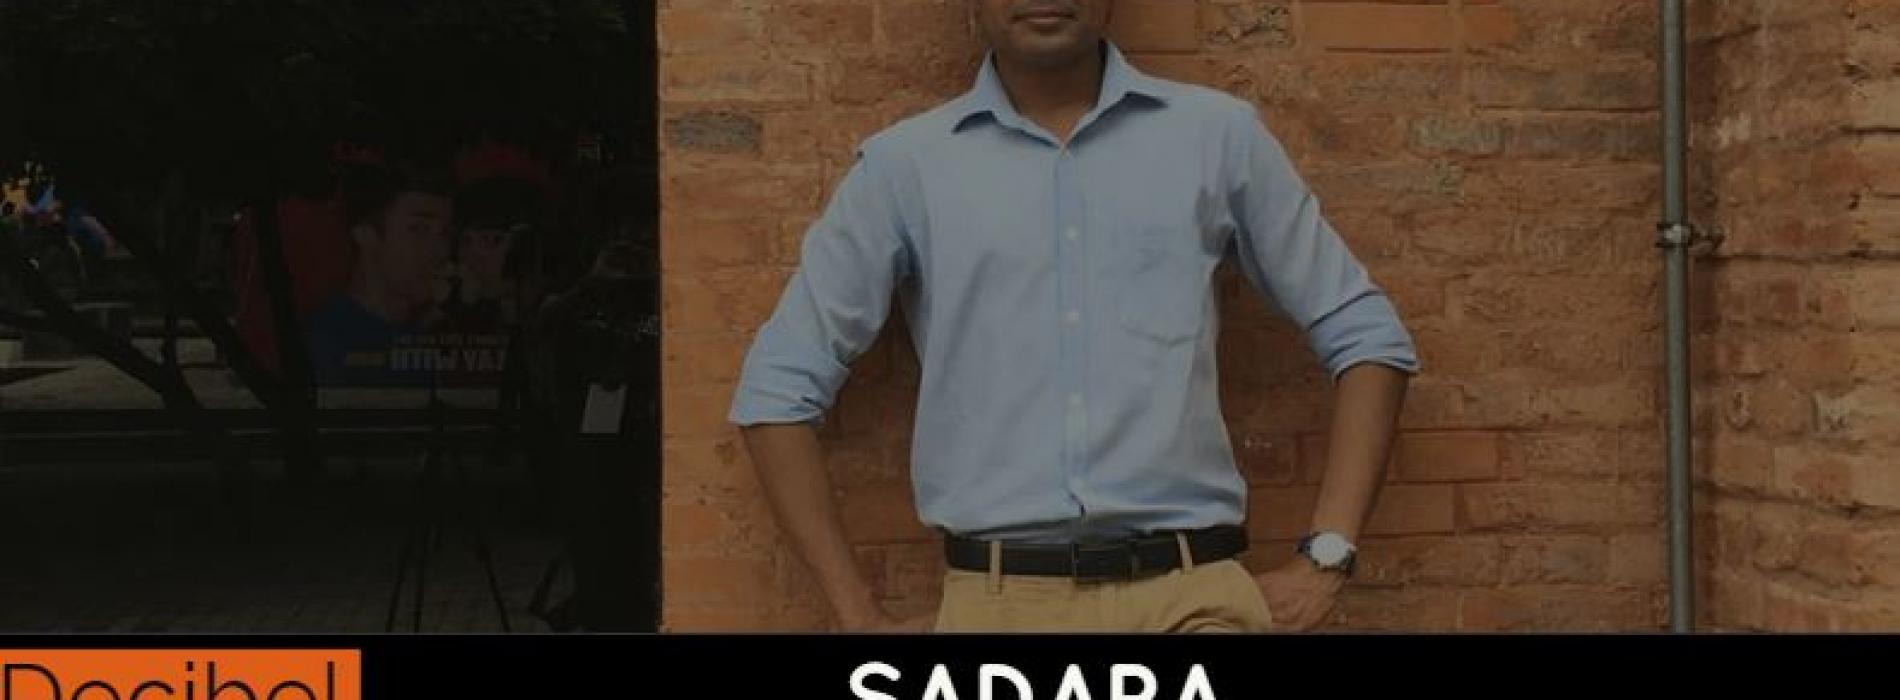 Sadara Bandara : Decibel Exclusive